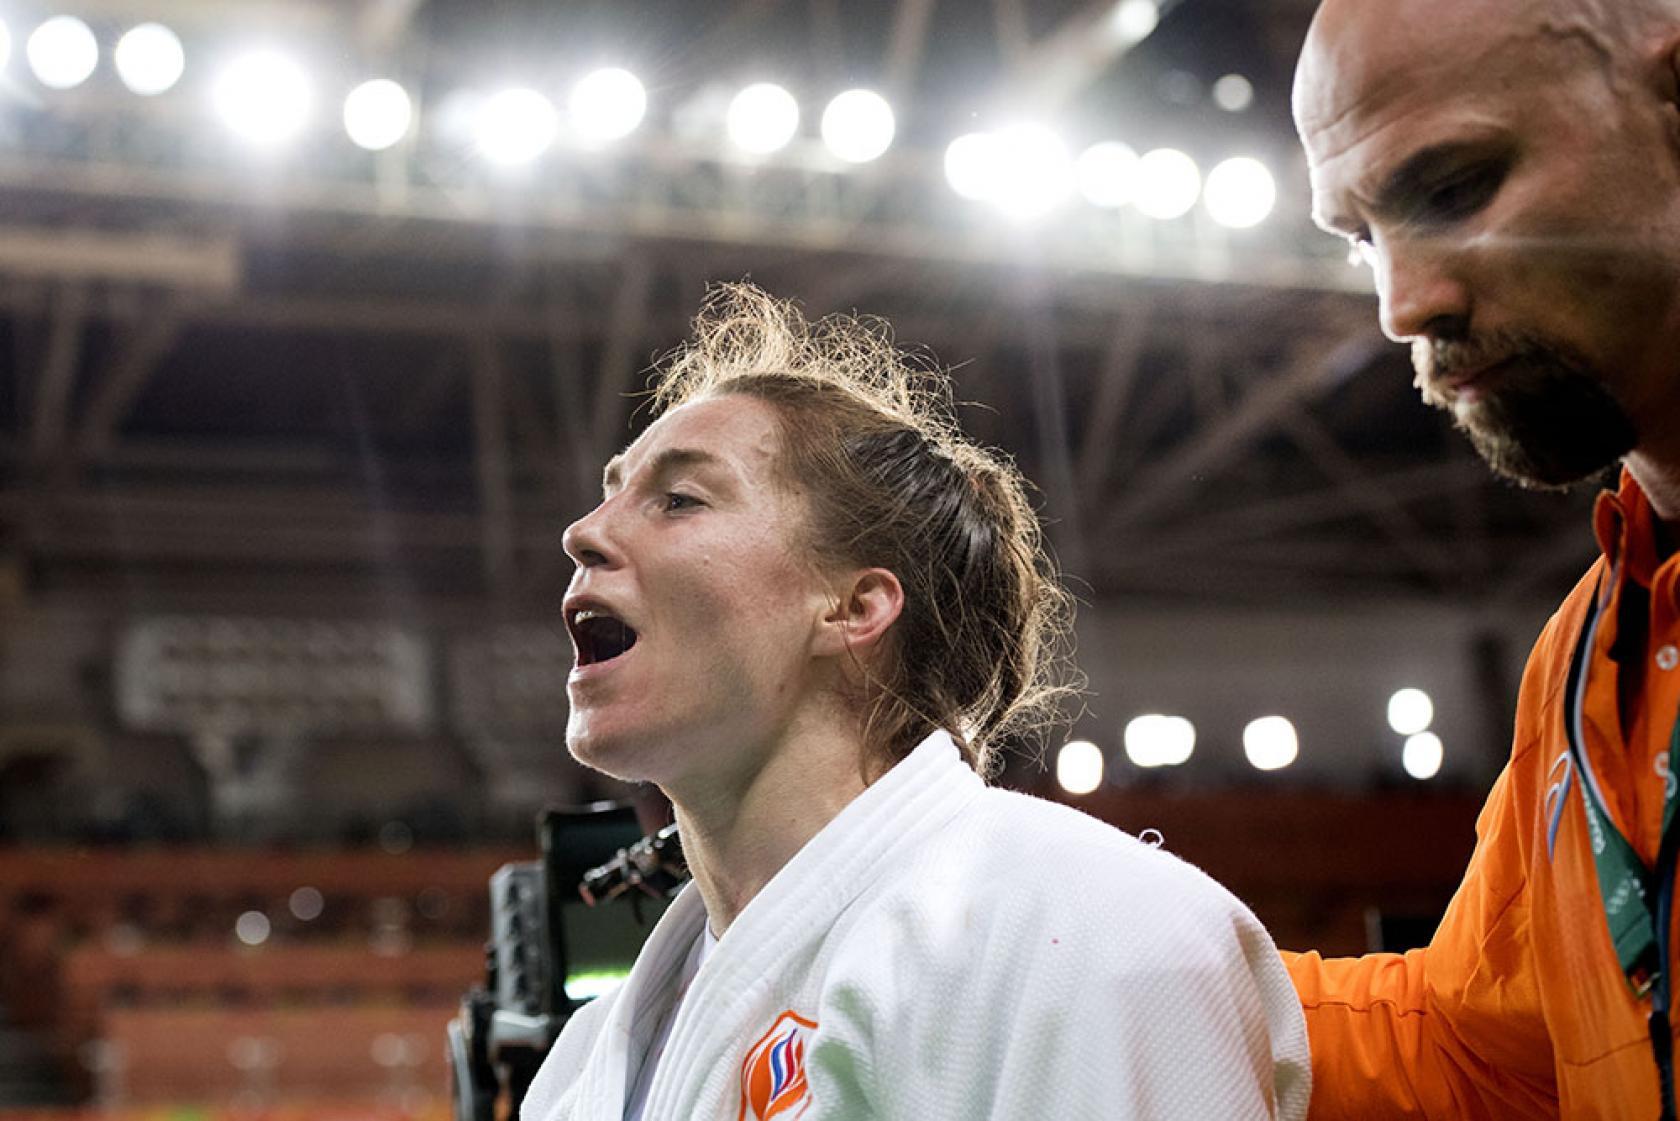 Marhinde Verkerk Olympische Spelen Rio Judo